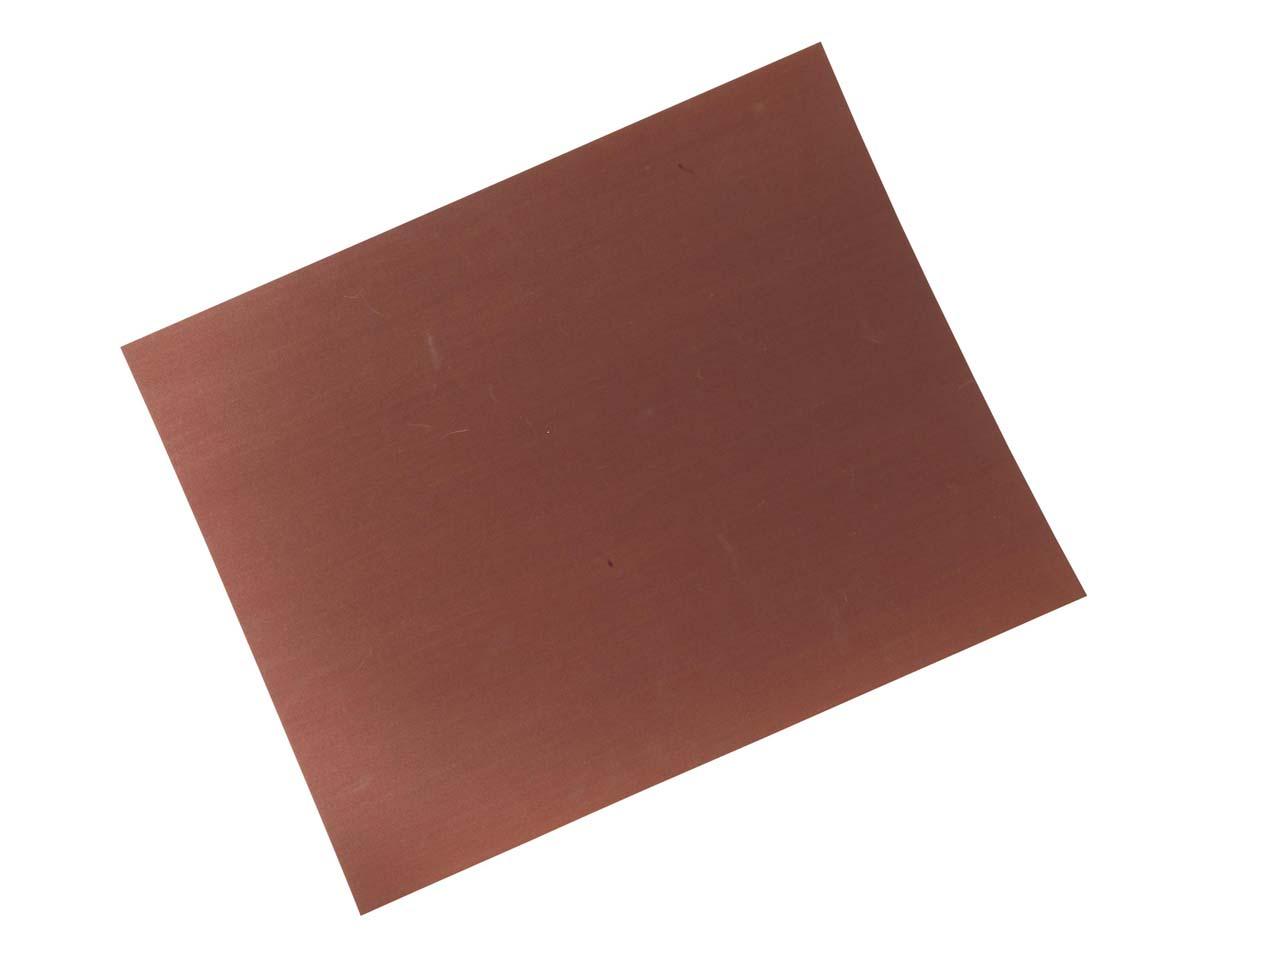 papier meri rouge grain 180 feuille de 230 x 280 mm cookson. Black Bedroom Furniture Sets. Home Design Ideas